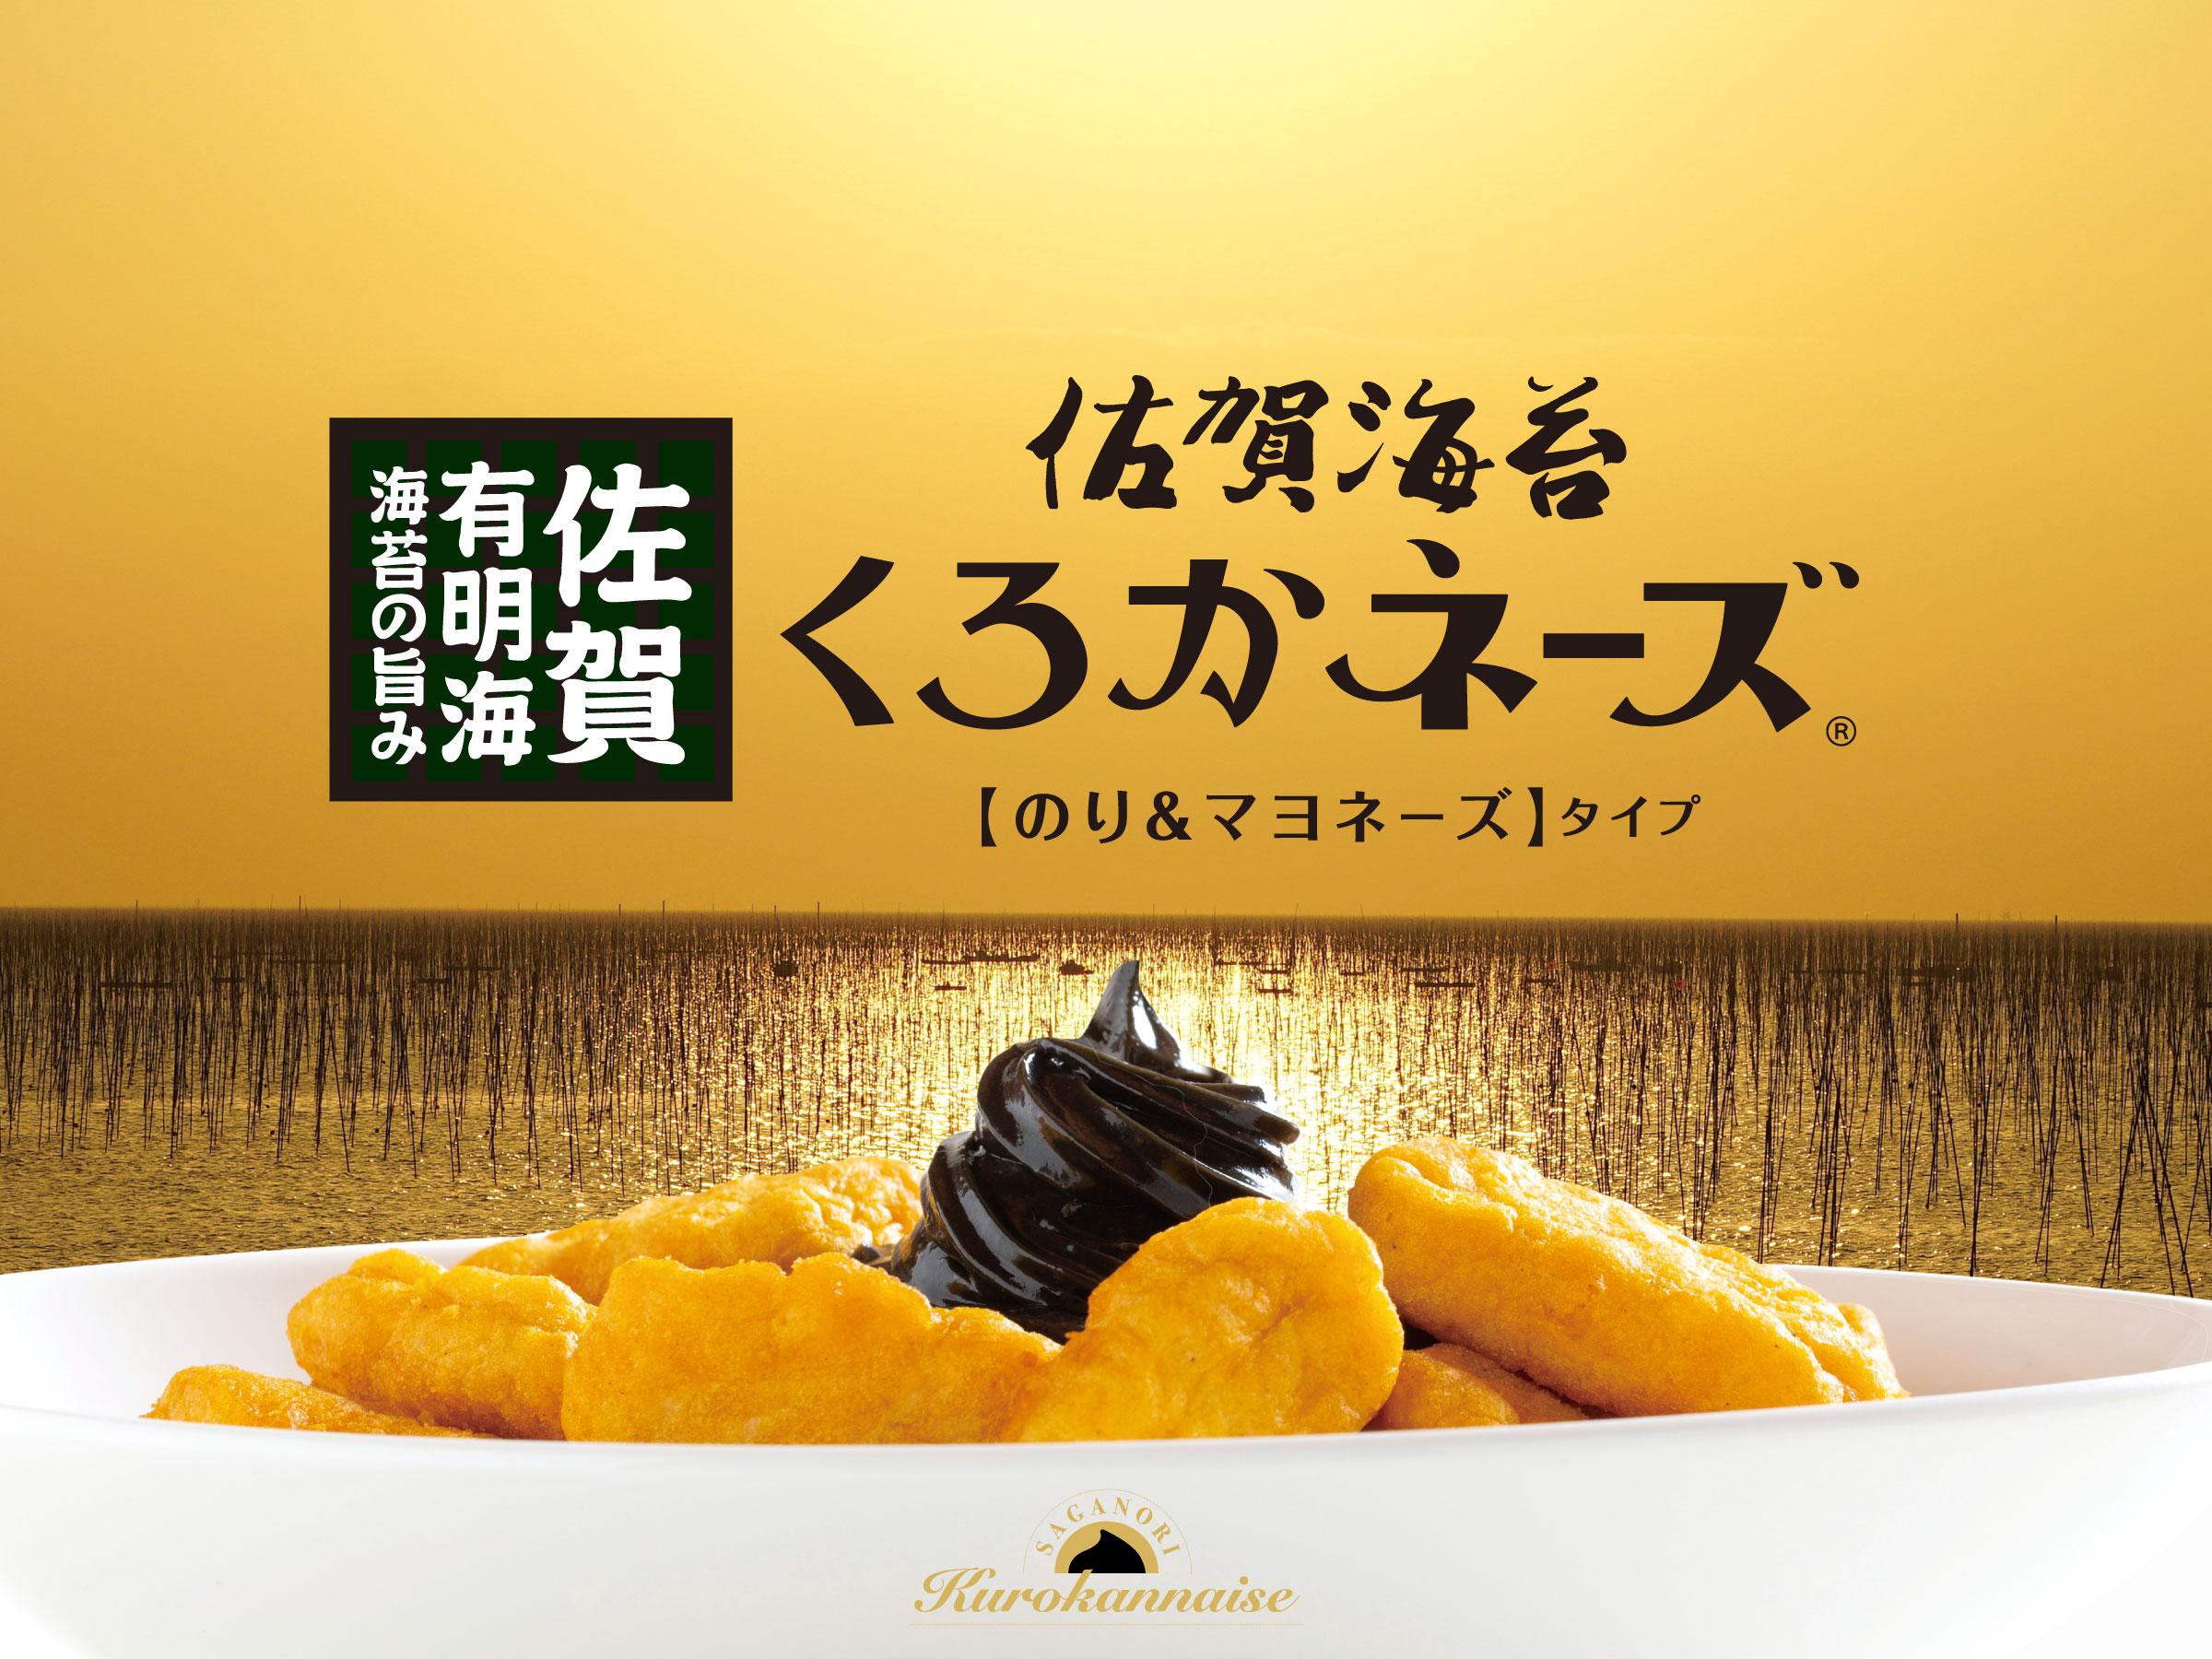 佐賀海苔くろかネーズ